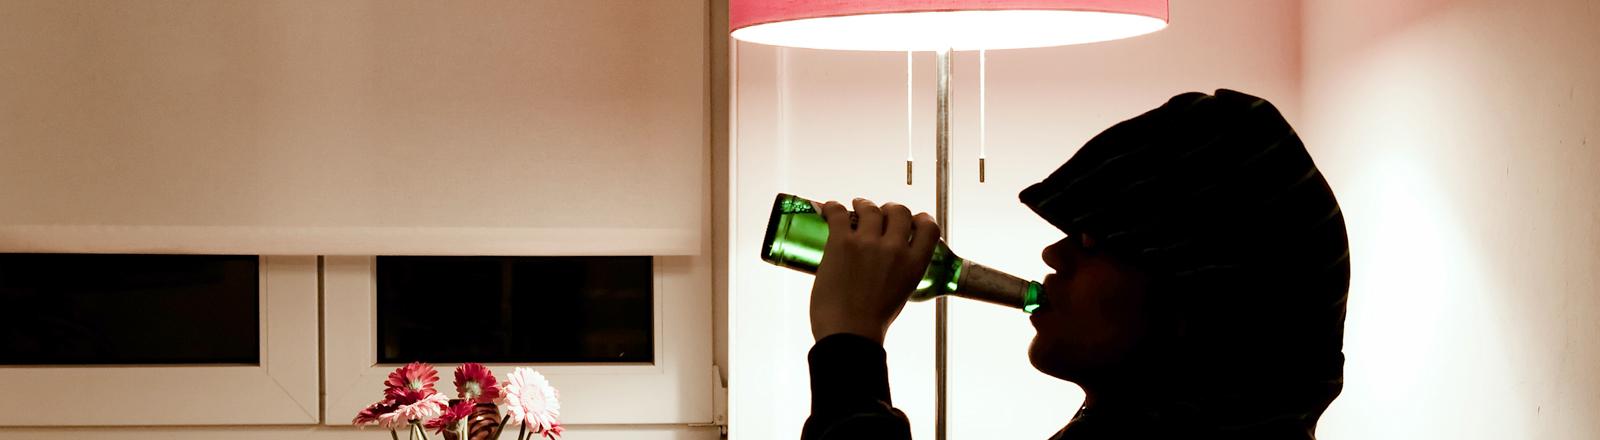 Mann trinkt Bier